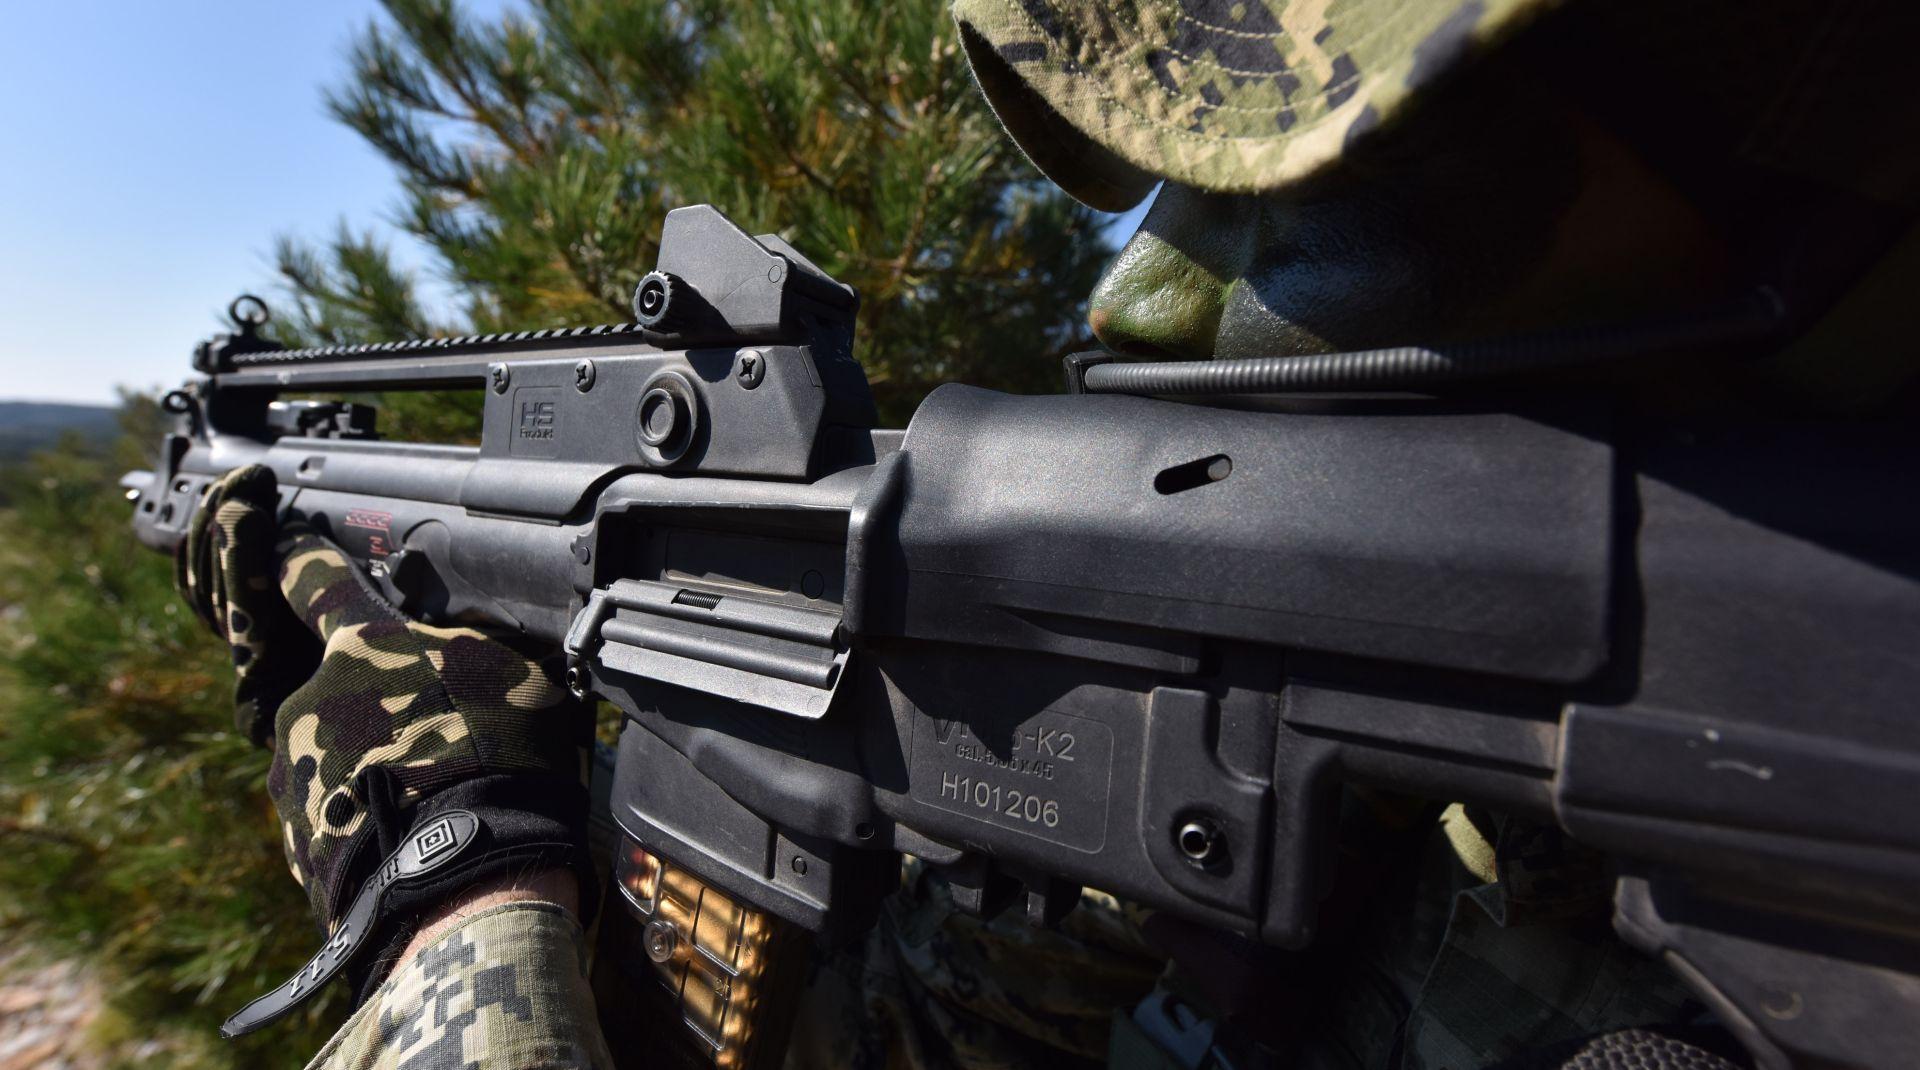 Hrvatski vojnici poslali božićnu čestitku iz Afganistana